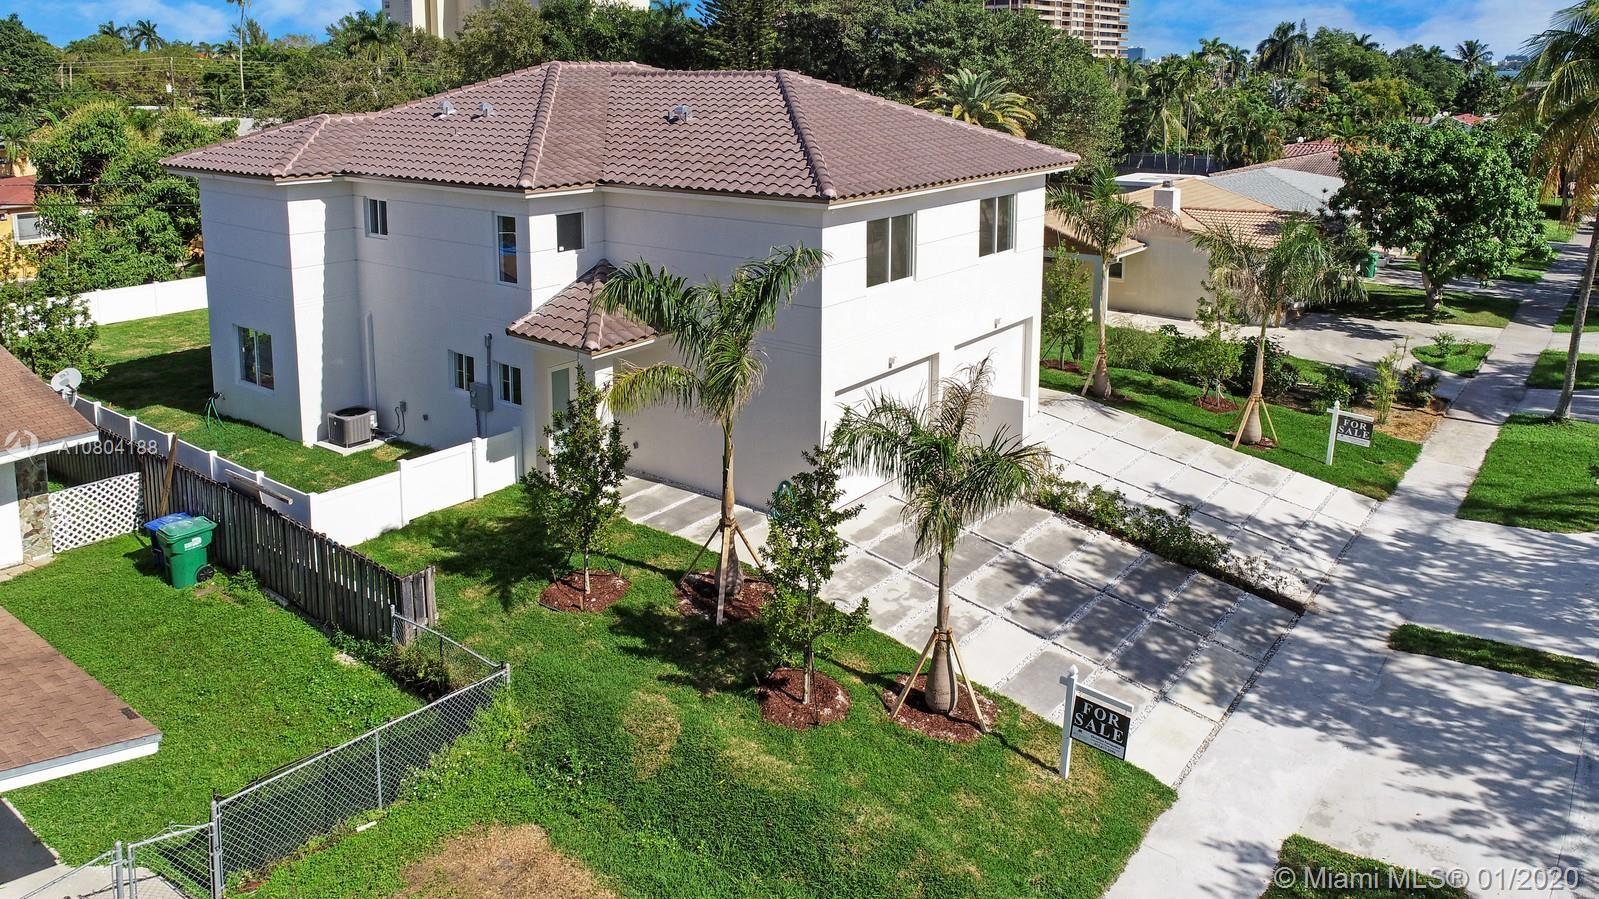 1521 NE 110th St, Miami, FL 33161 - #: A10804188